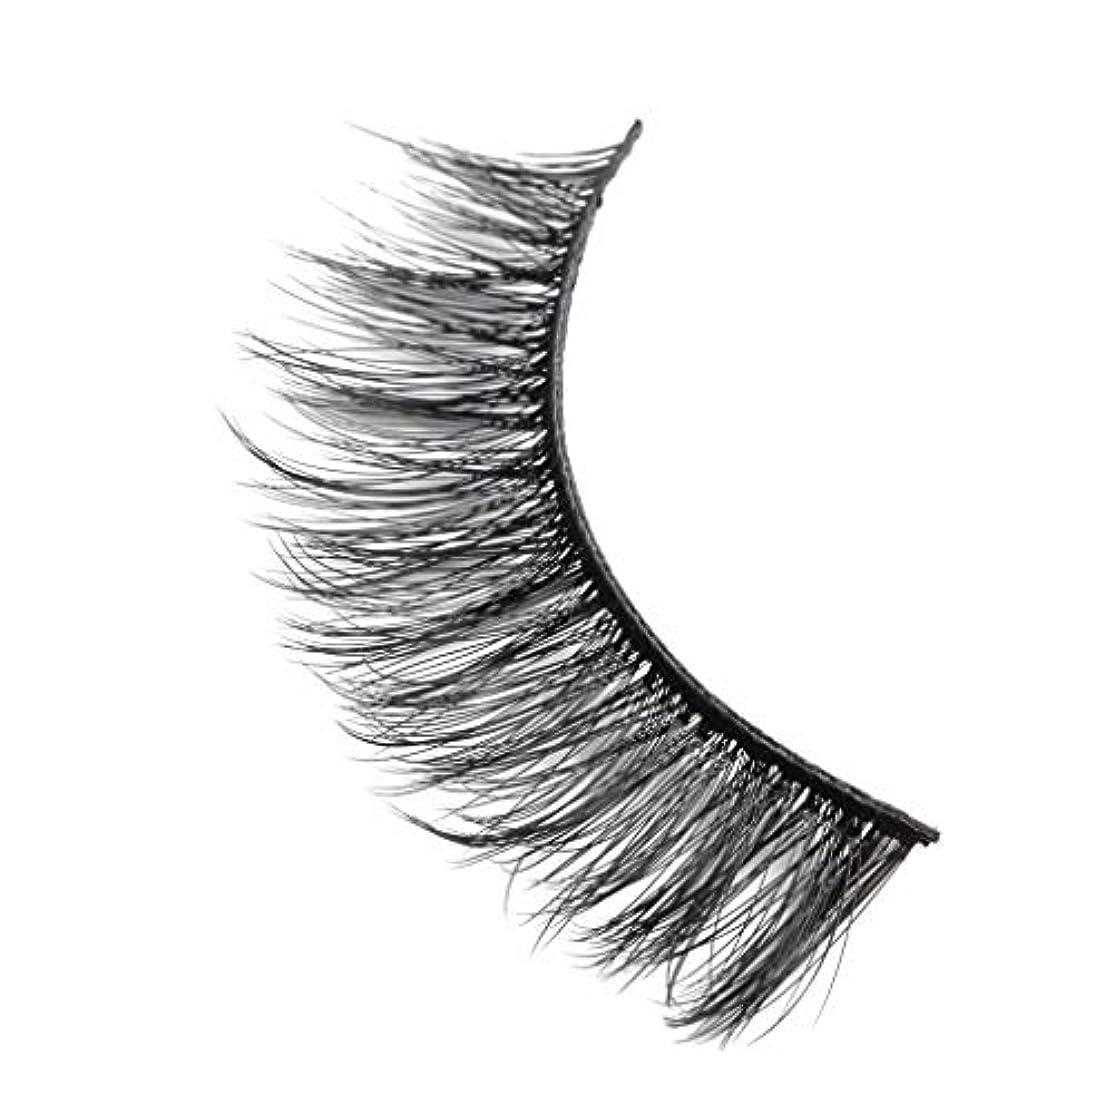 アプライアンスブランド名苦痛柔らかい長い巻き毛と歪んだ多くの層まつげと3Dミンクの毛皮の10ペア